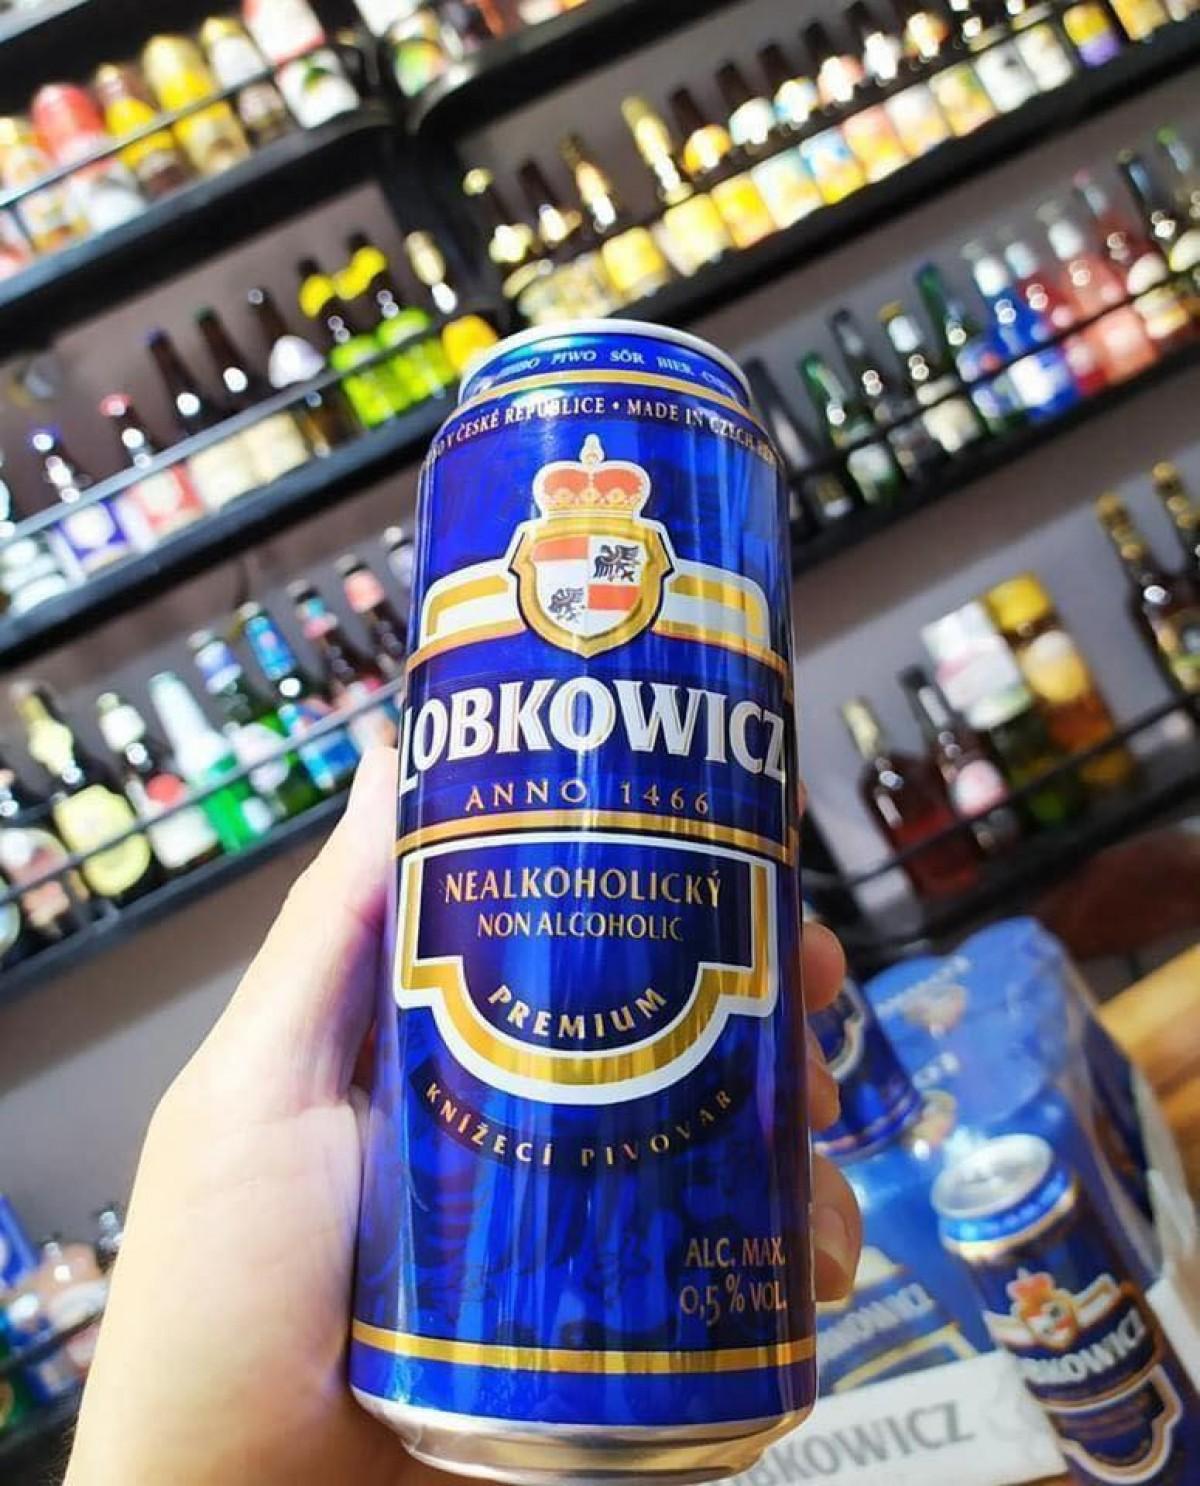 Bia Lobkowicz Nealko Non Alcoholic Pale Ale 0.5%-Lon 500ml